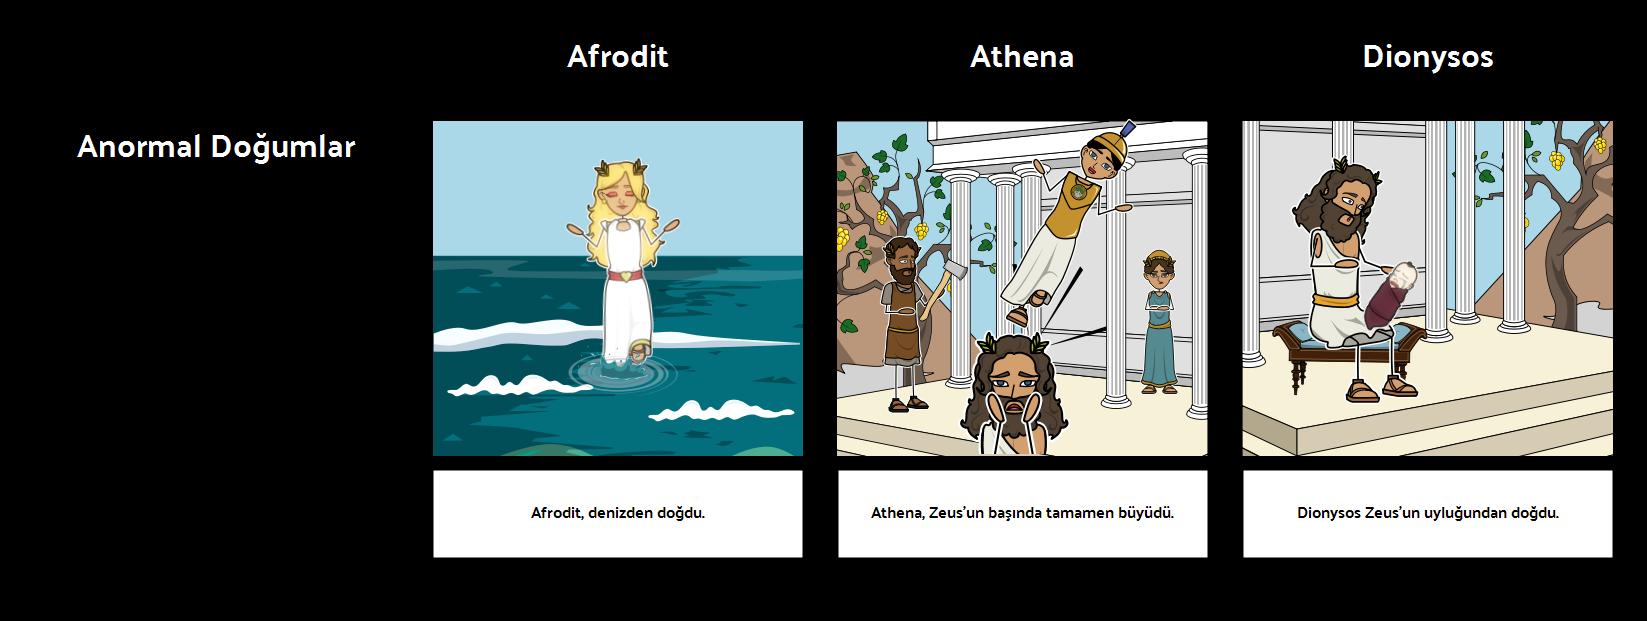 Olympusun ünlü tanrıları